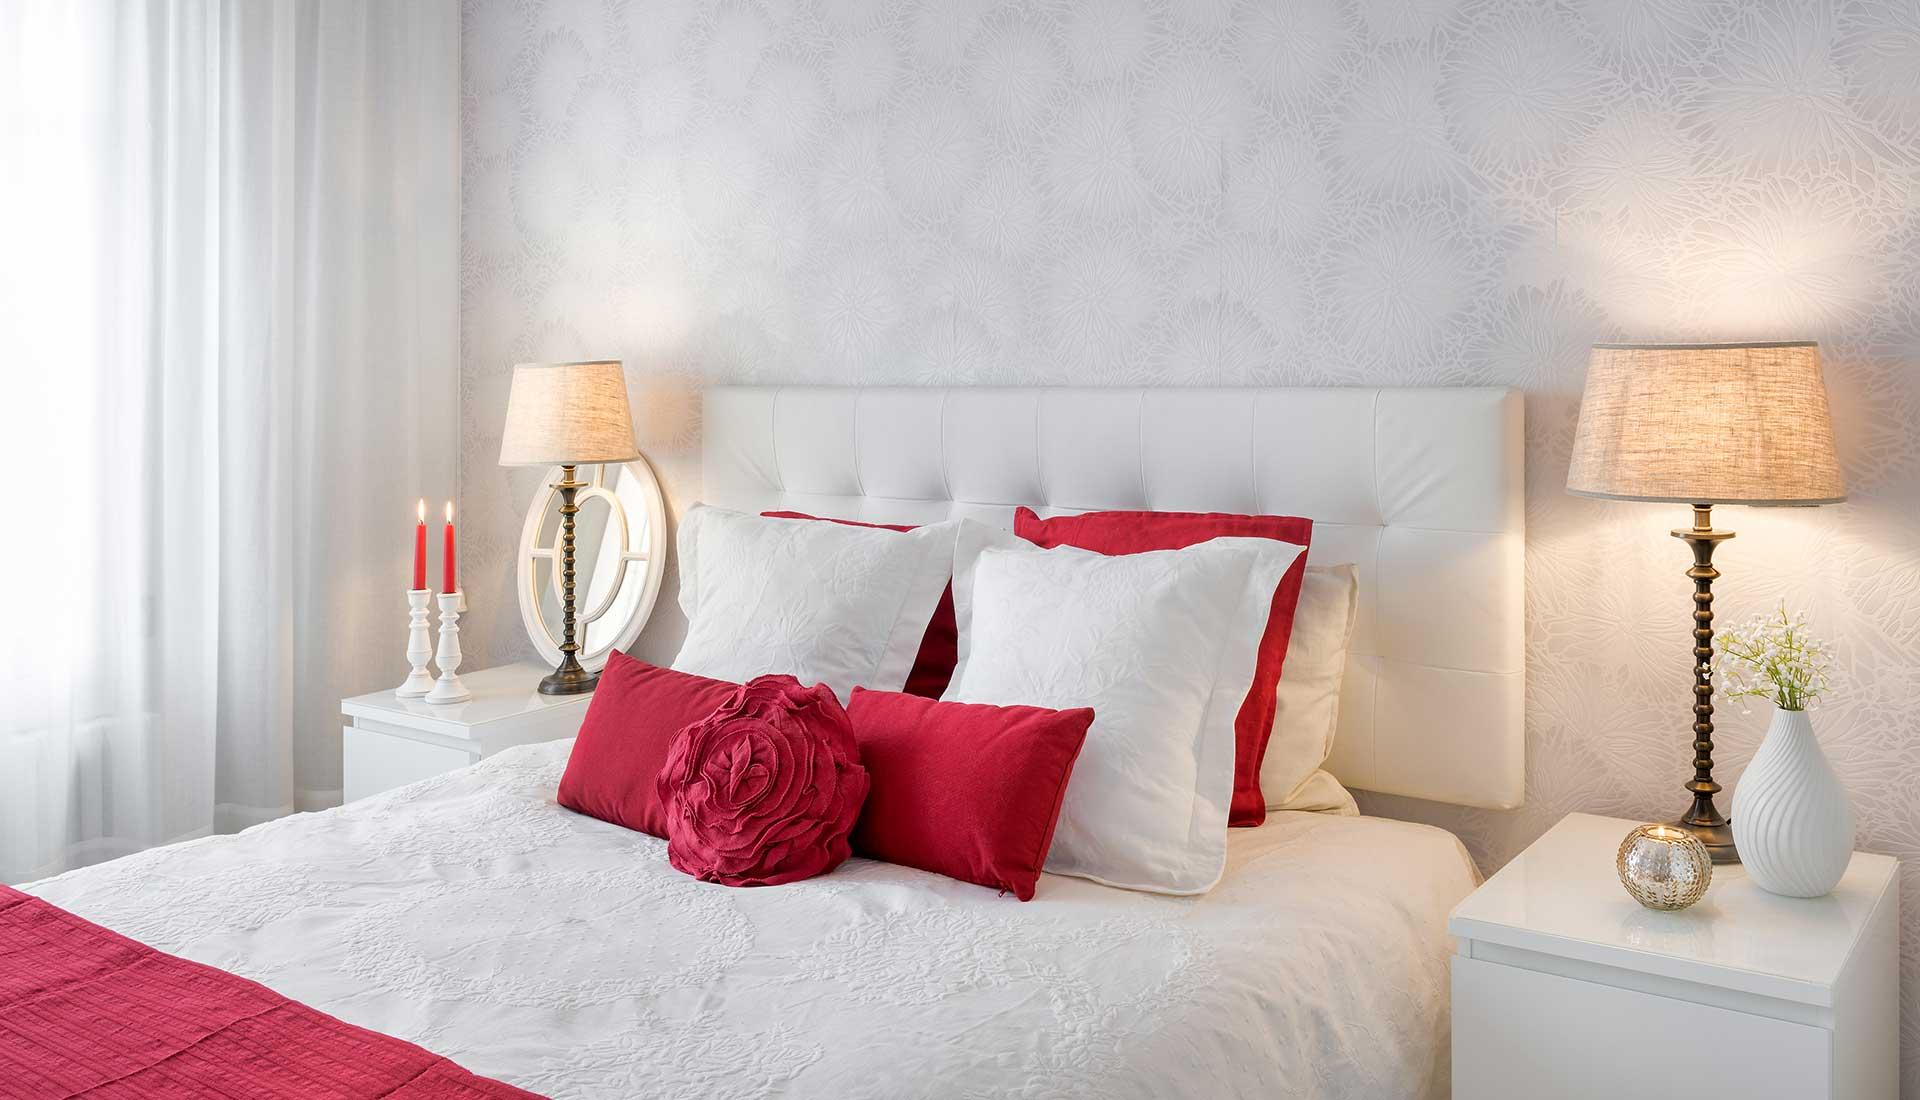 Decoracion de Interiores moncloa dormitorio